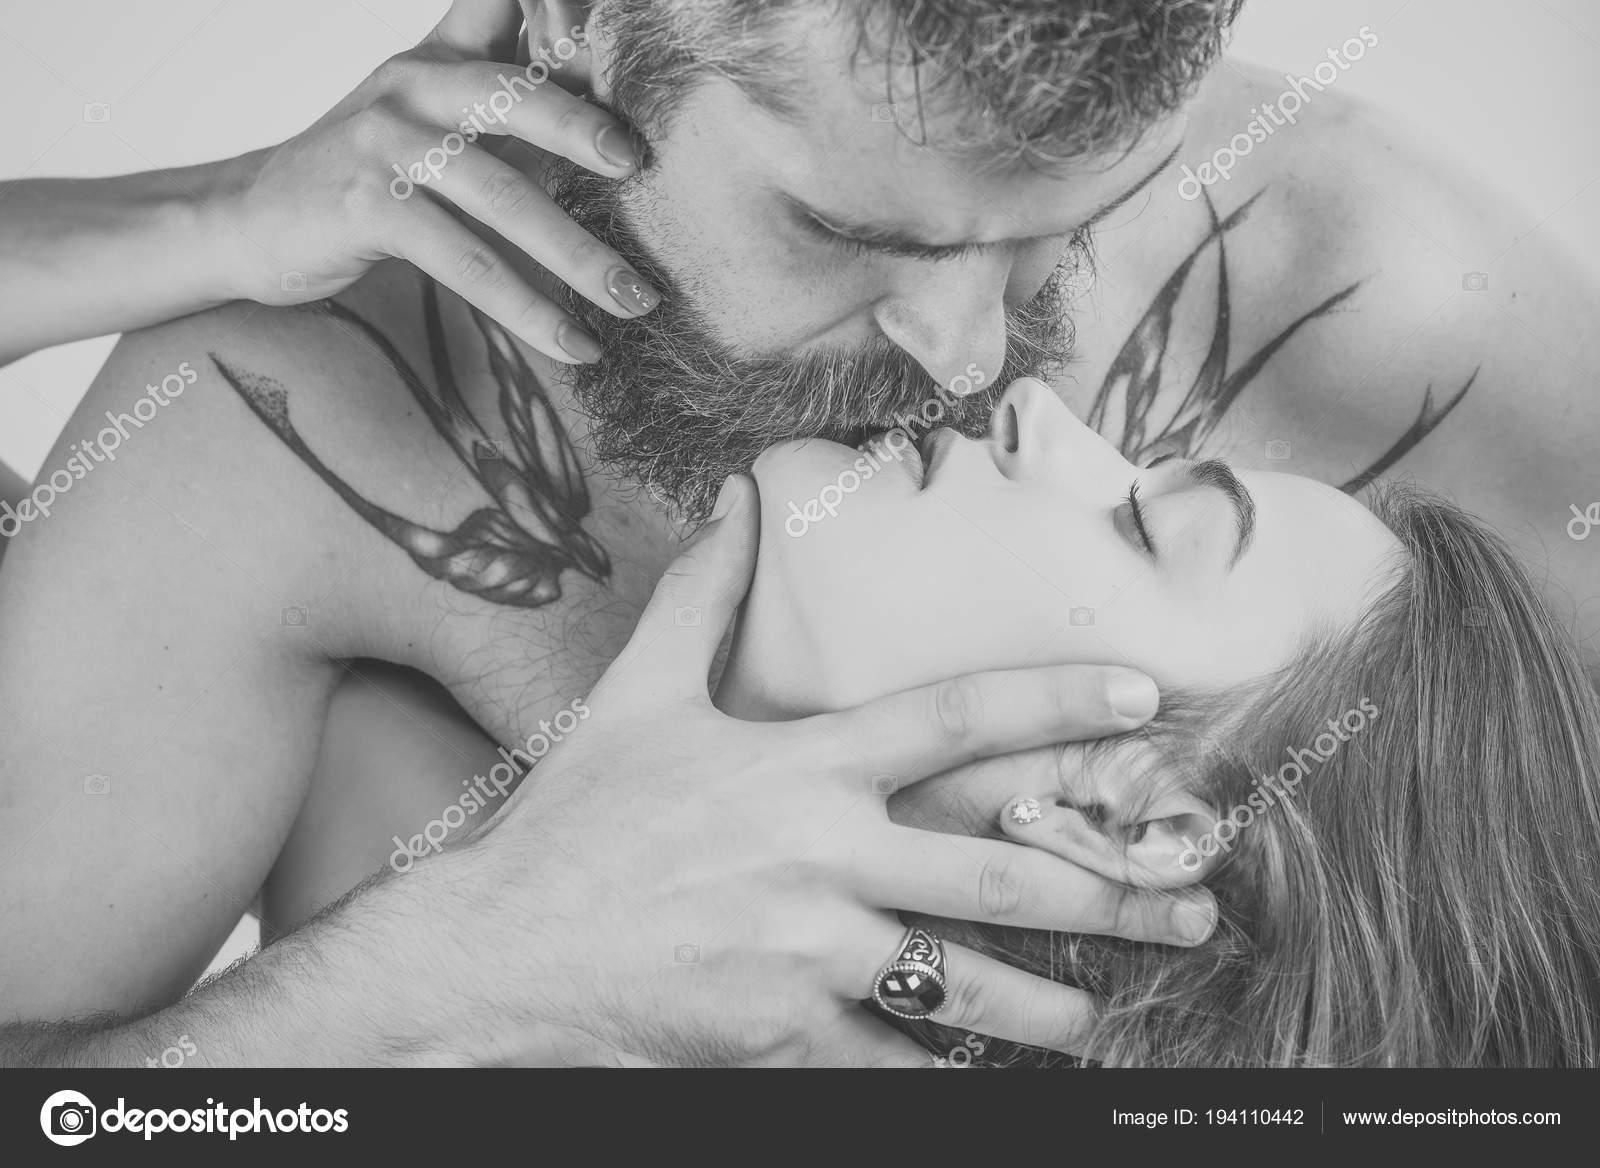 giochi erotici con la partner sito di incontro gratis